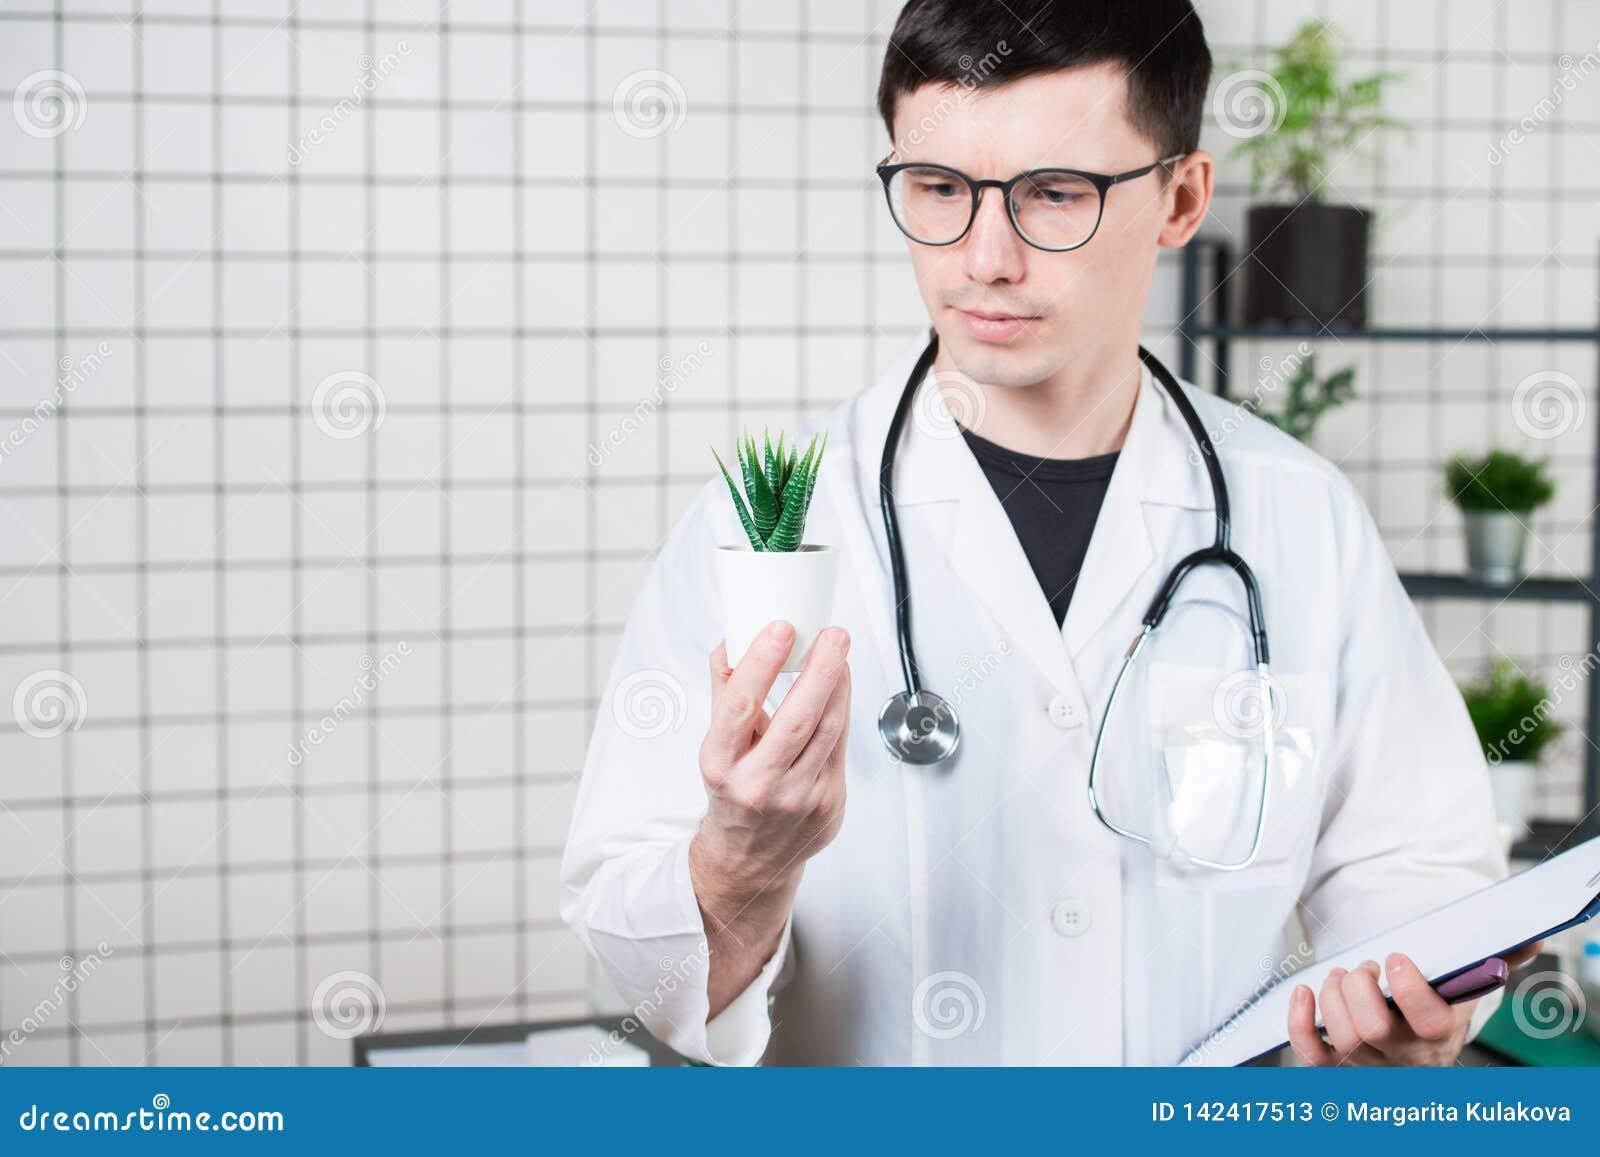 Ученый проводит эксперименты с зеленым растением